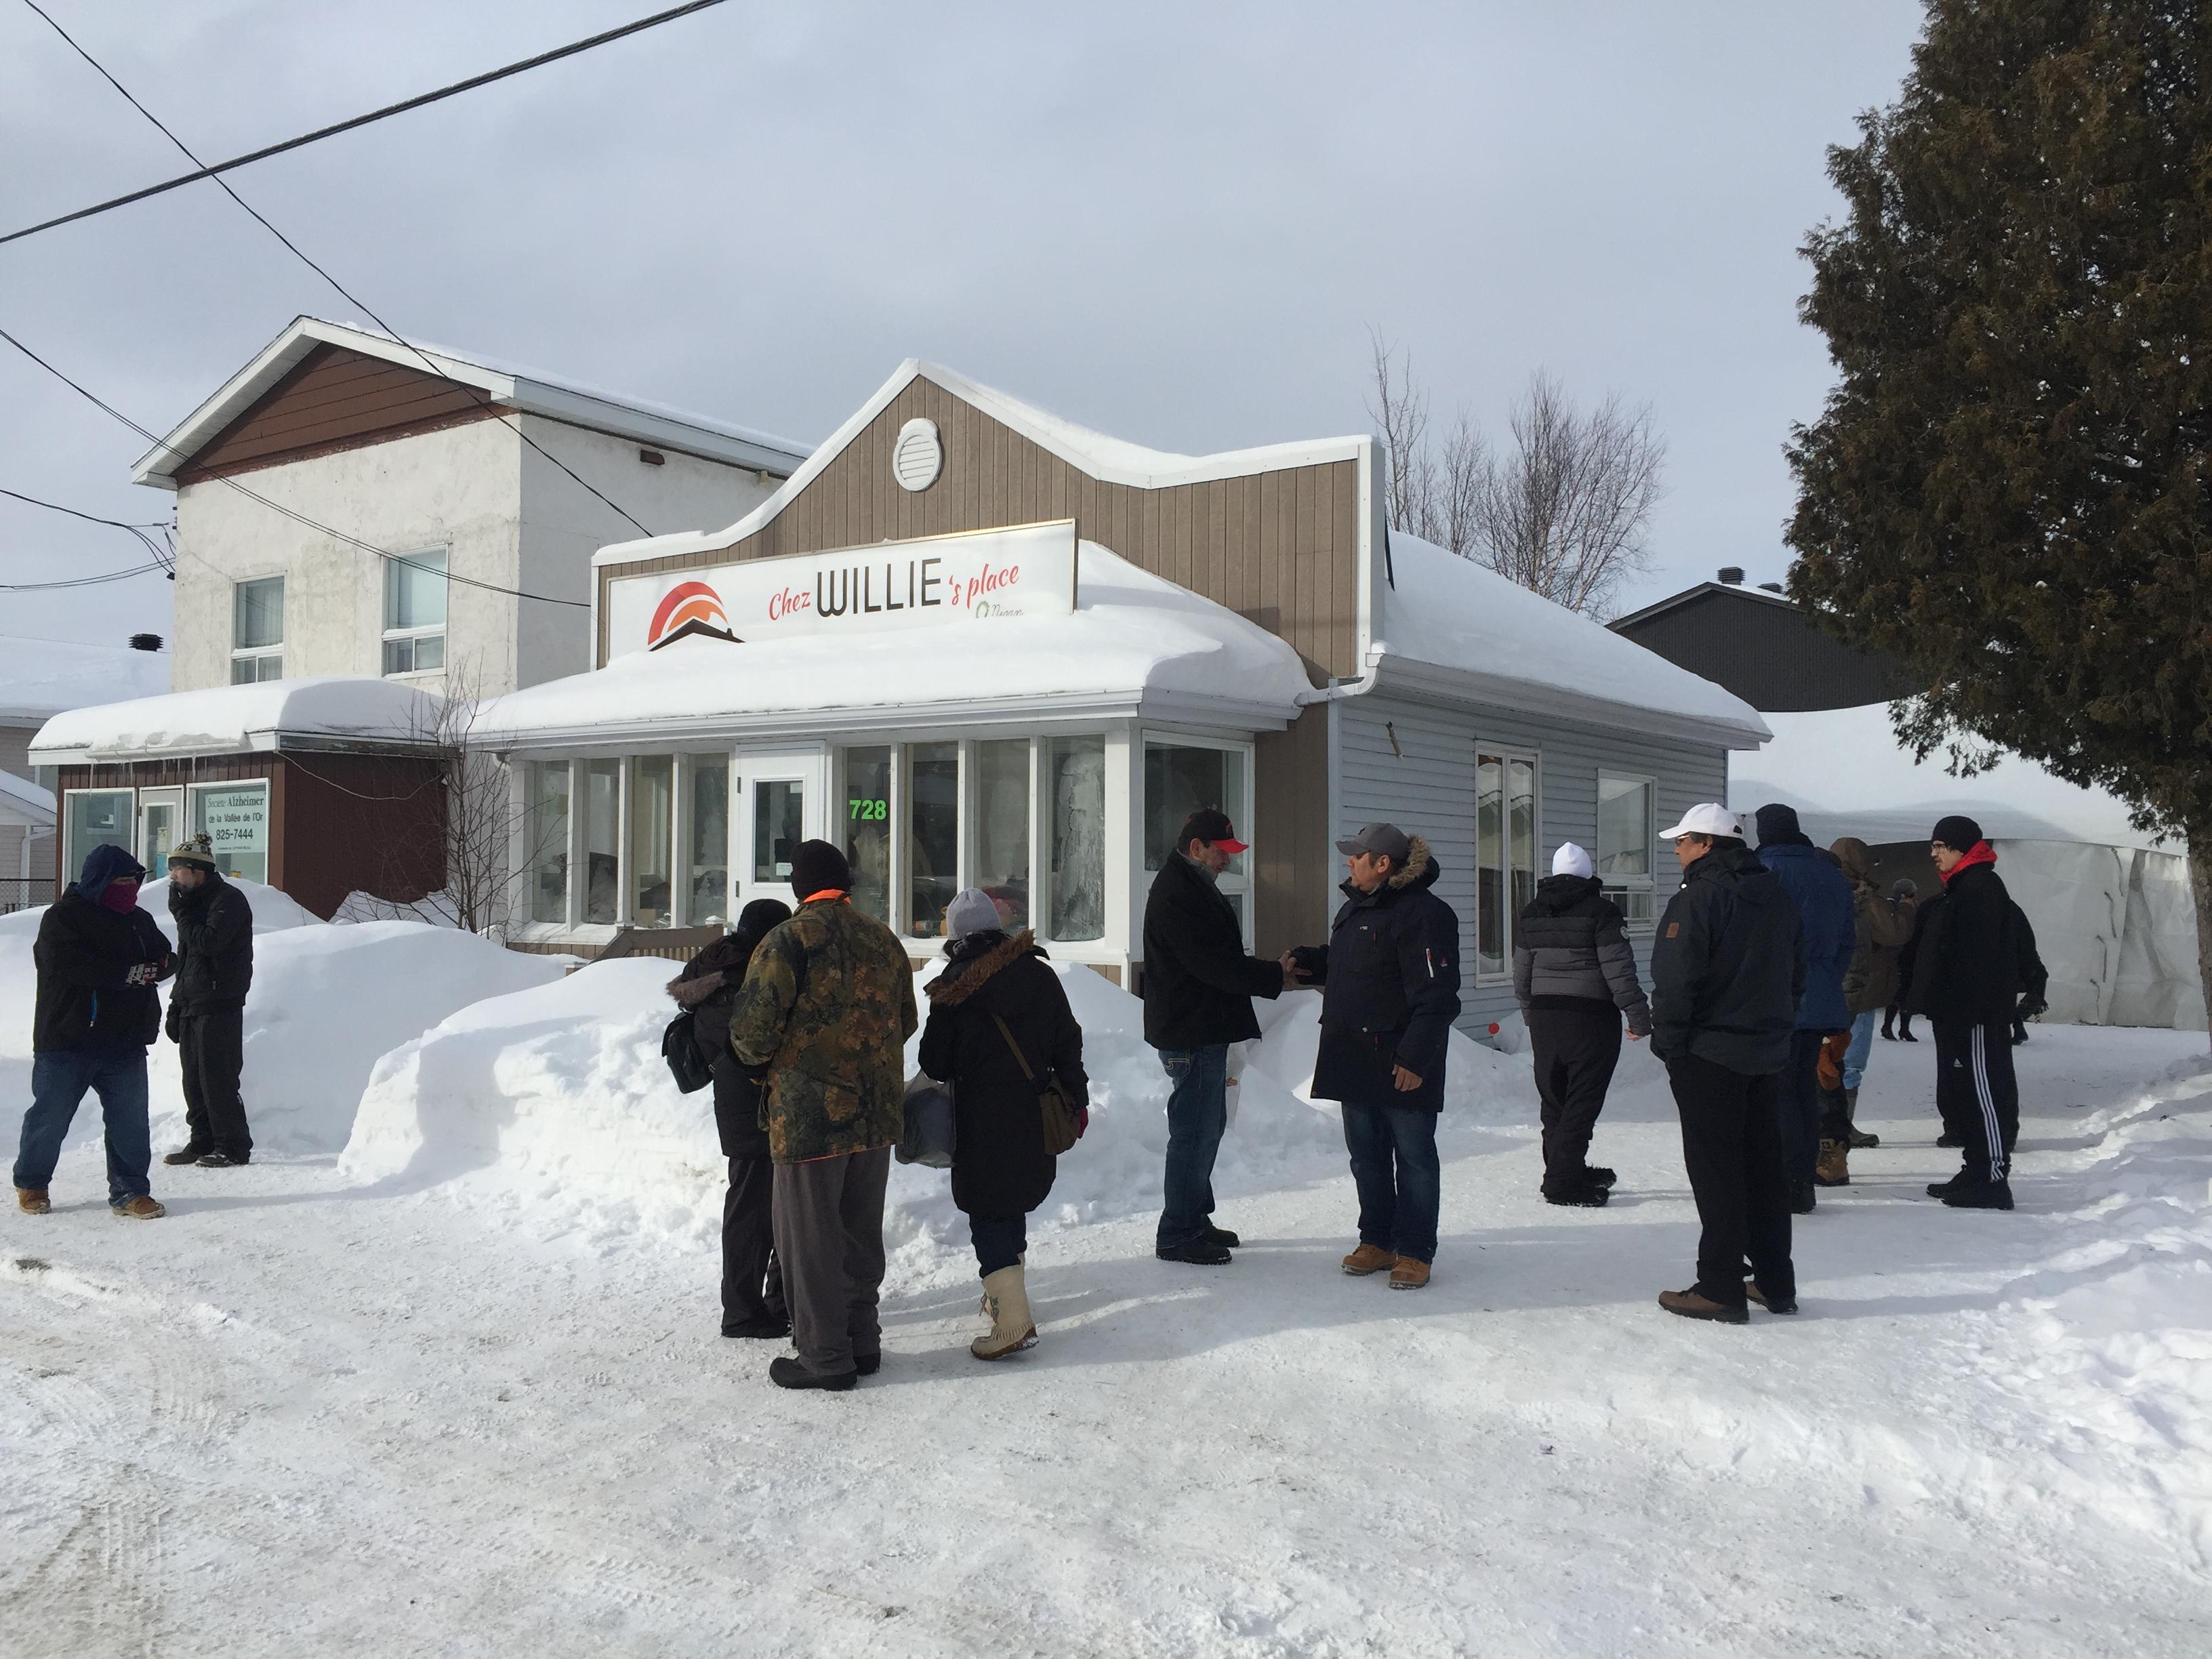 Chez Willie's Place, Lieu de répit de jour pour itinérants, Val d'Or